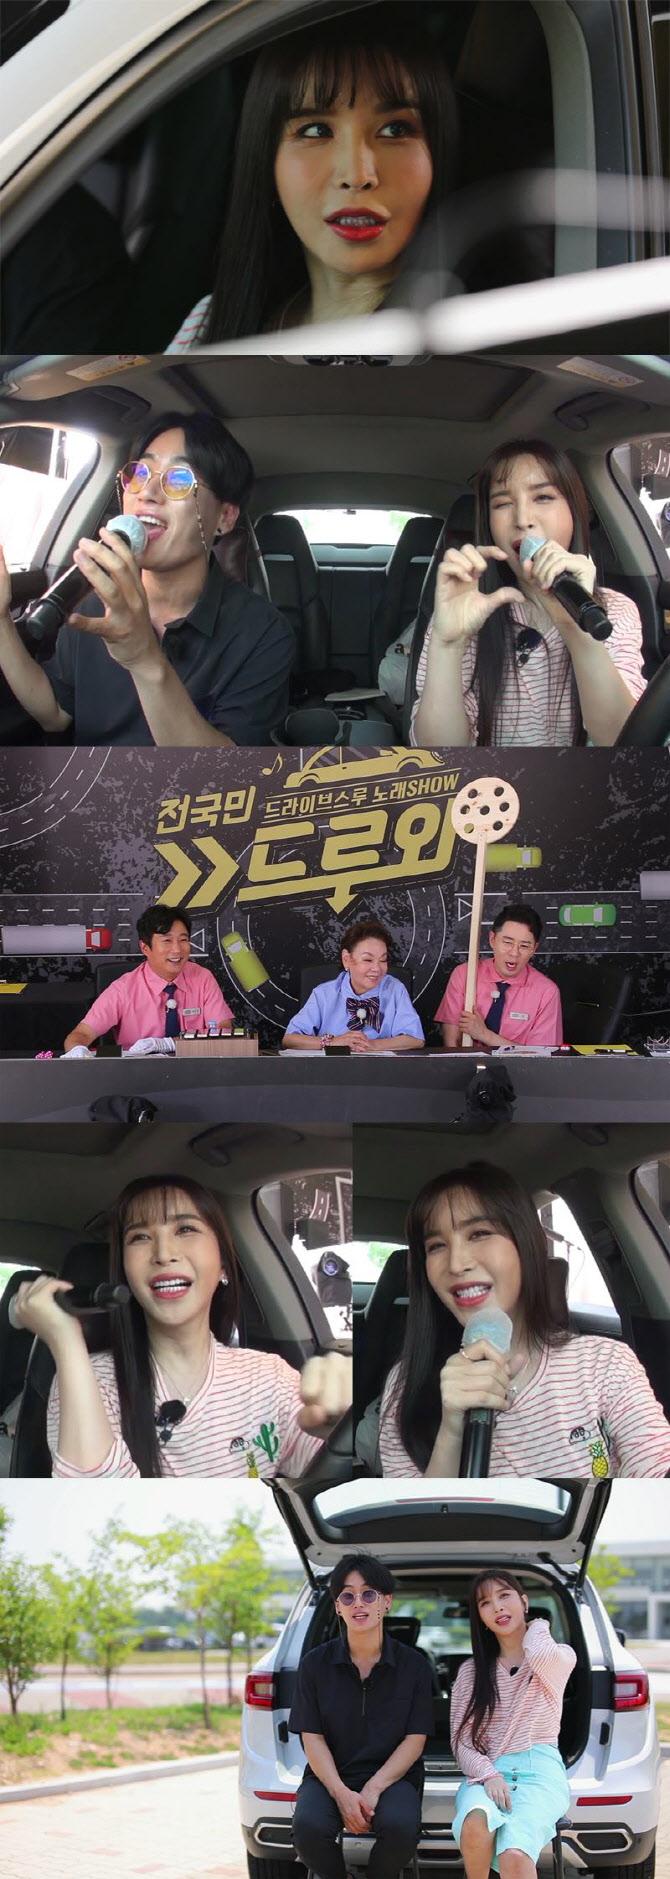 '드루와', 하리수 출연 예고…하현곤과의 인연 공개